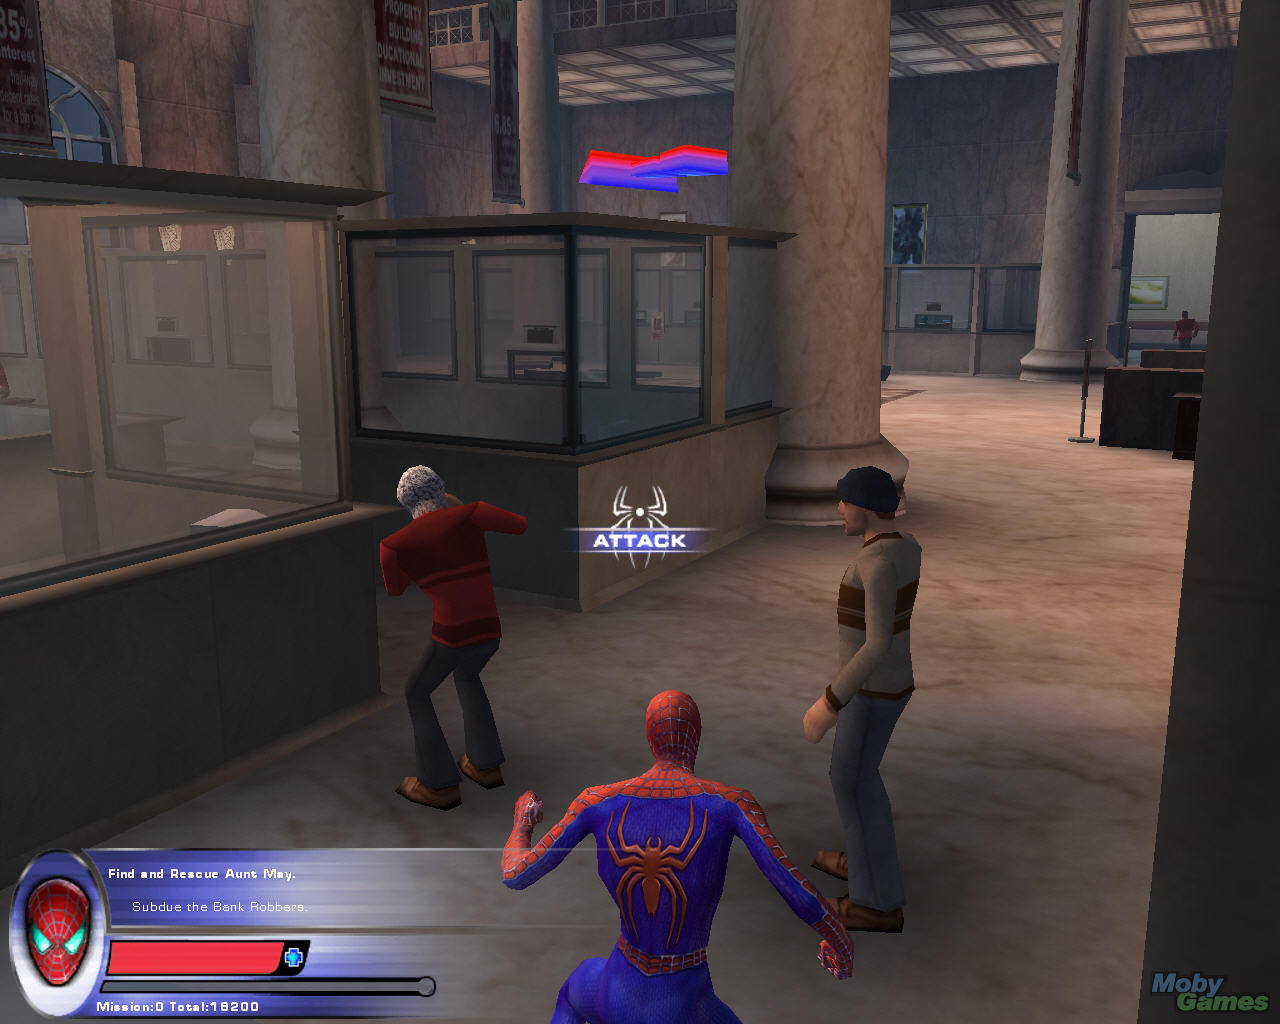 Telecharger jeu spiderman 1 gratuit - Jeux lego spiderman gratuit ...